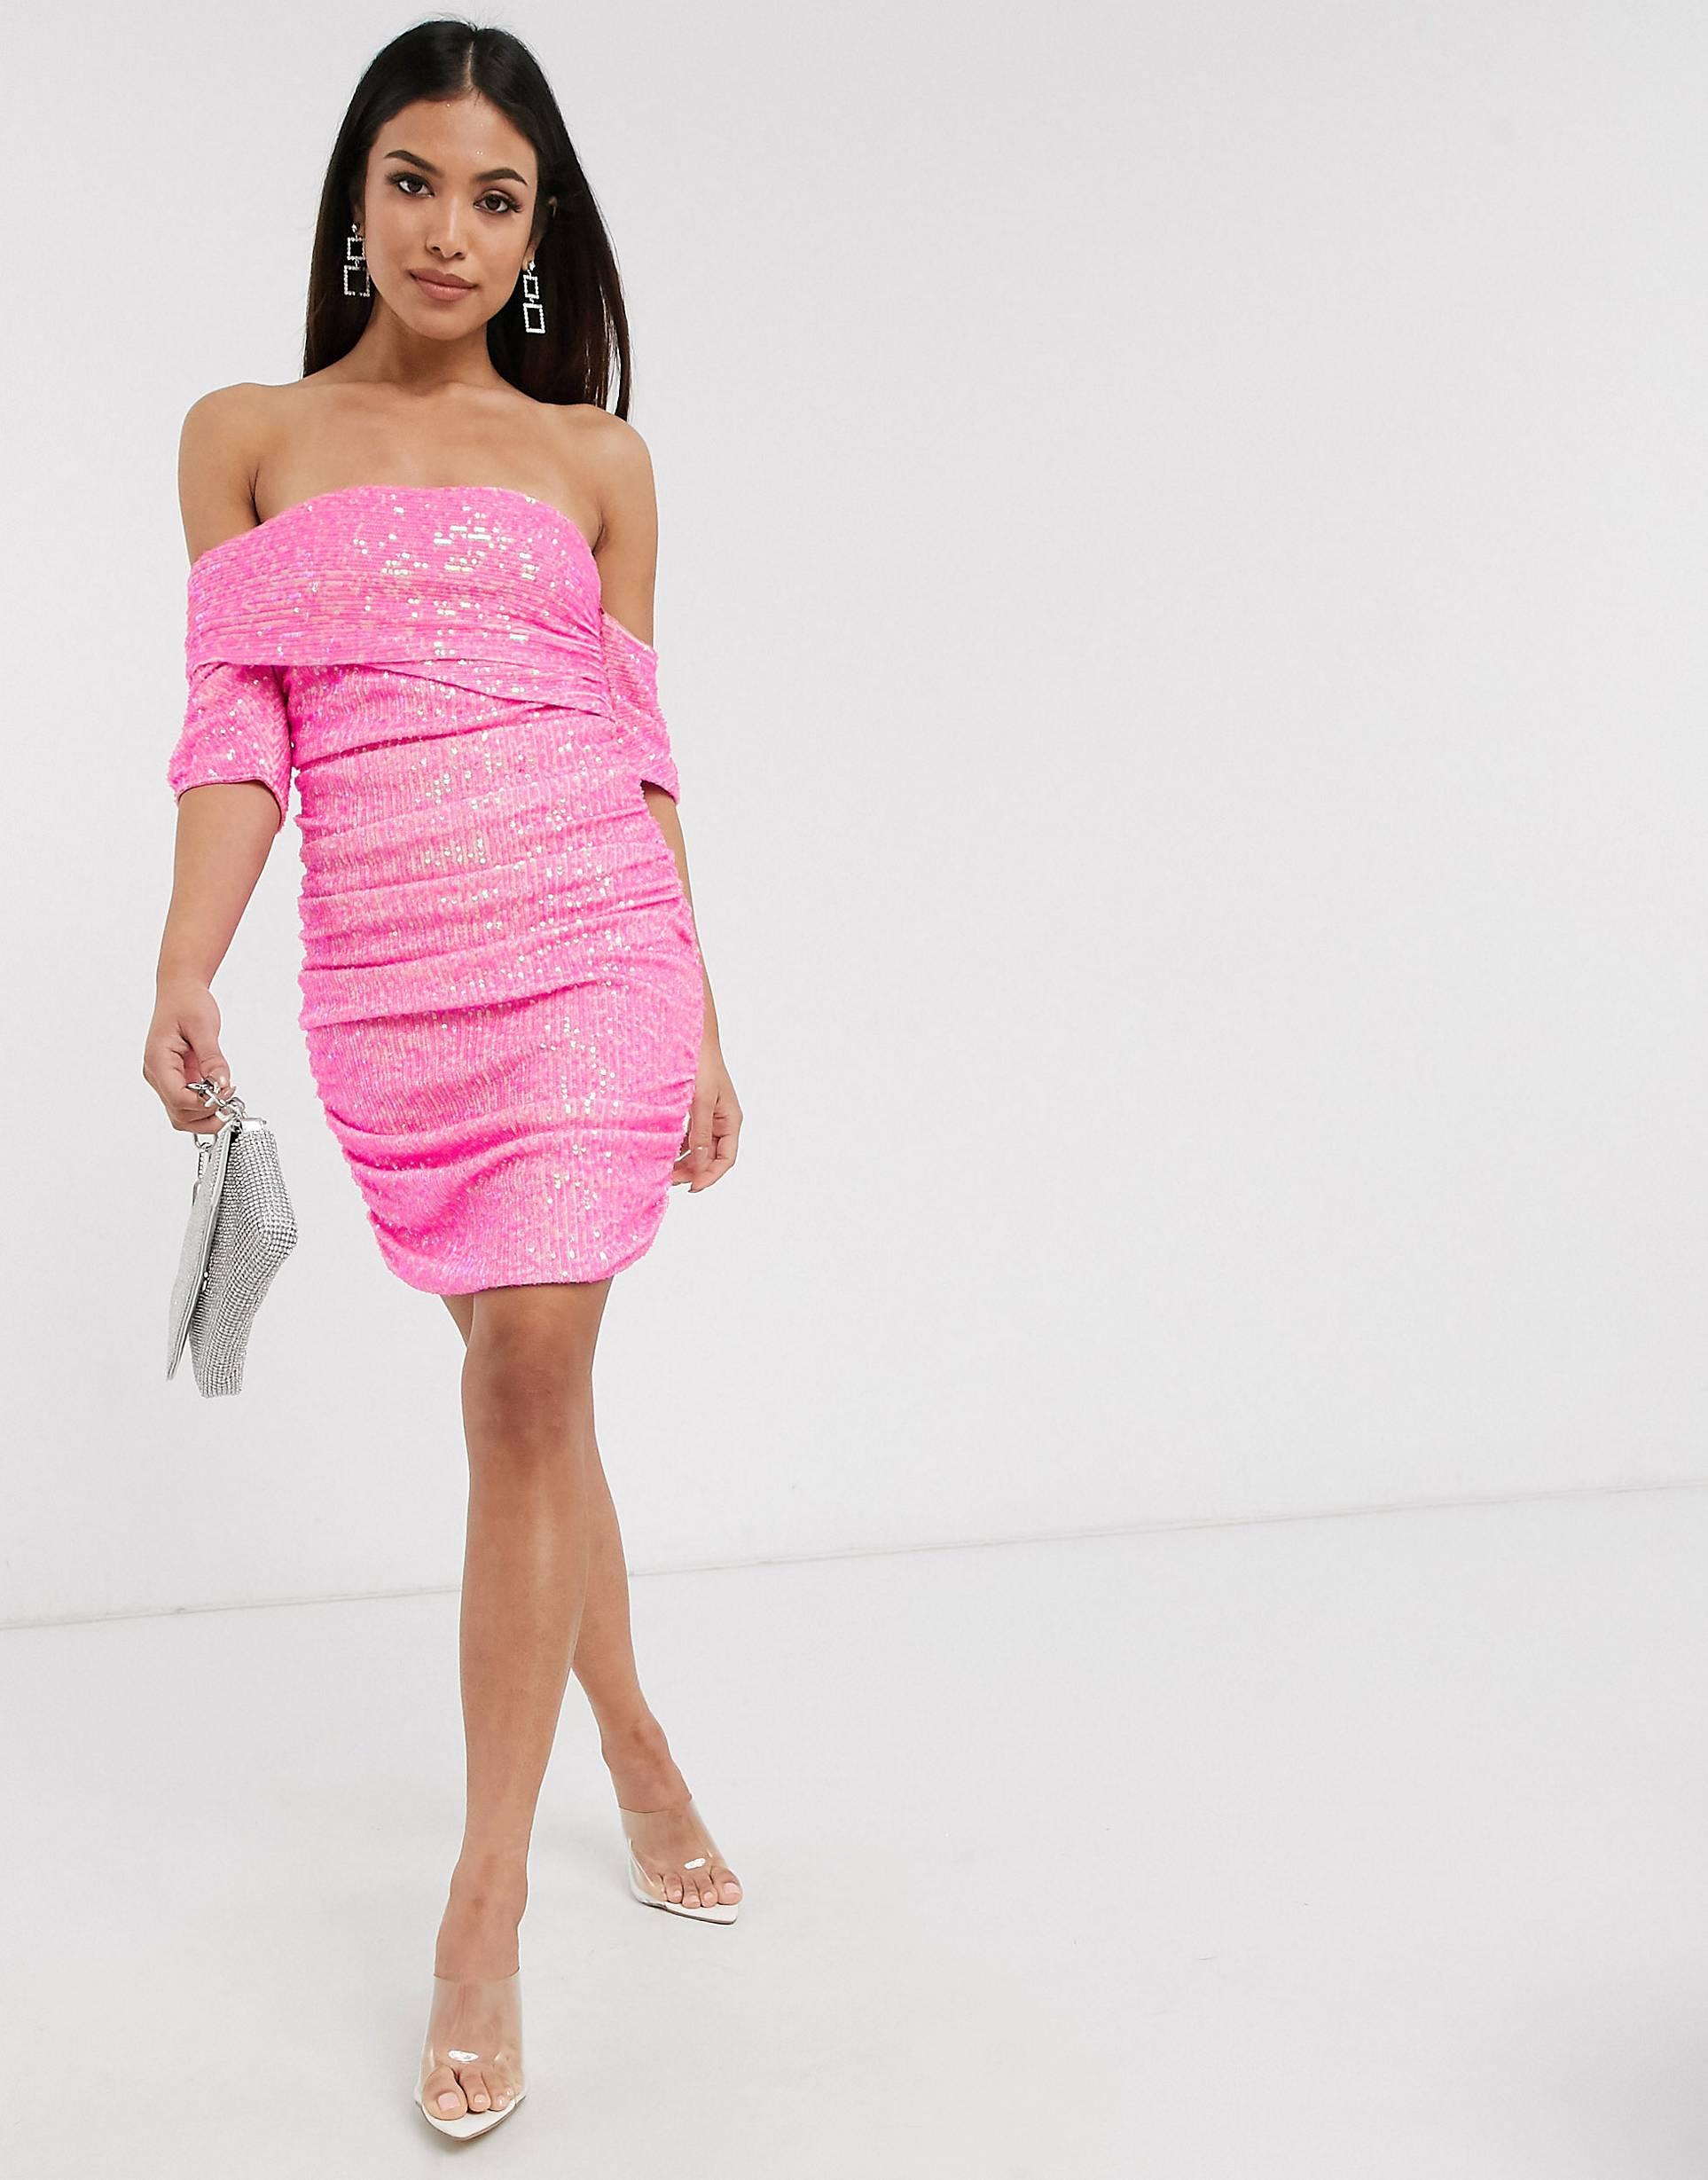 Vestido corto rosa neón con escote asimétrico y diseño drapeado de lentejuelas.